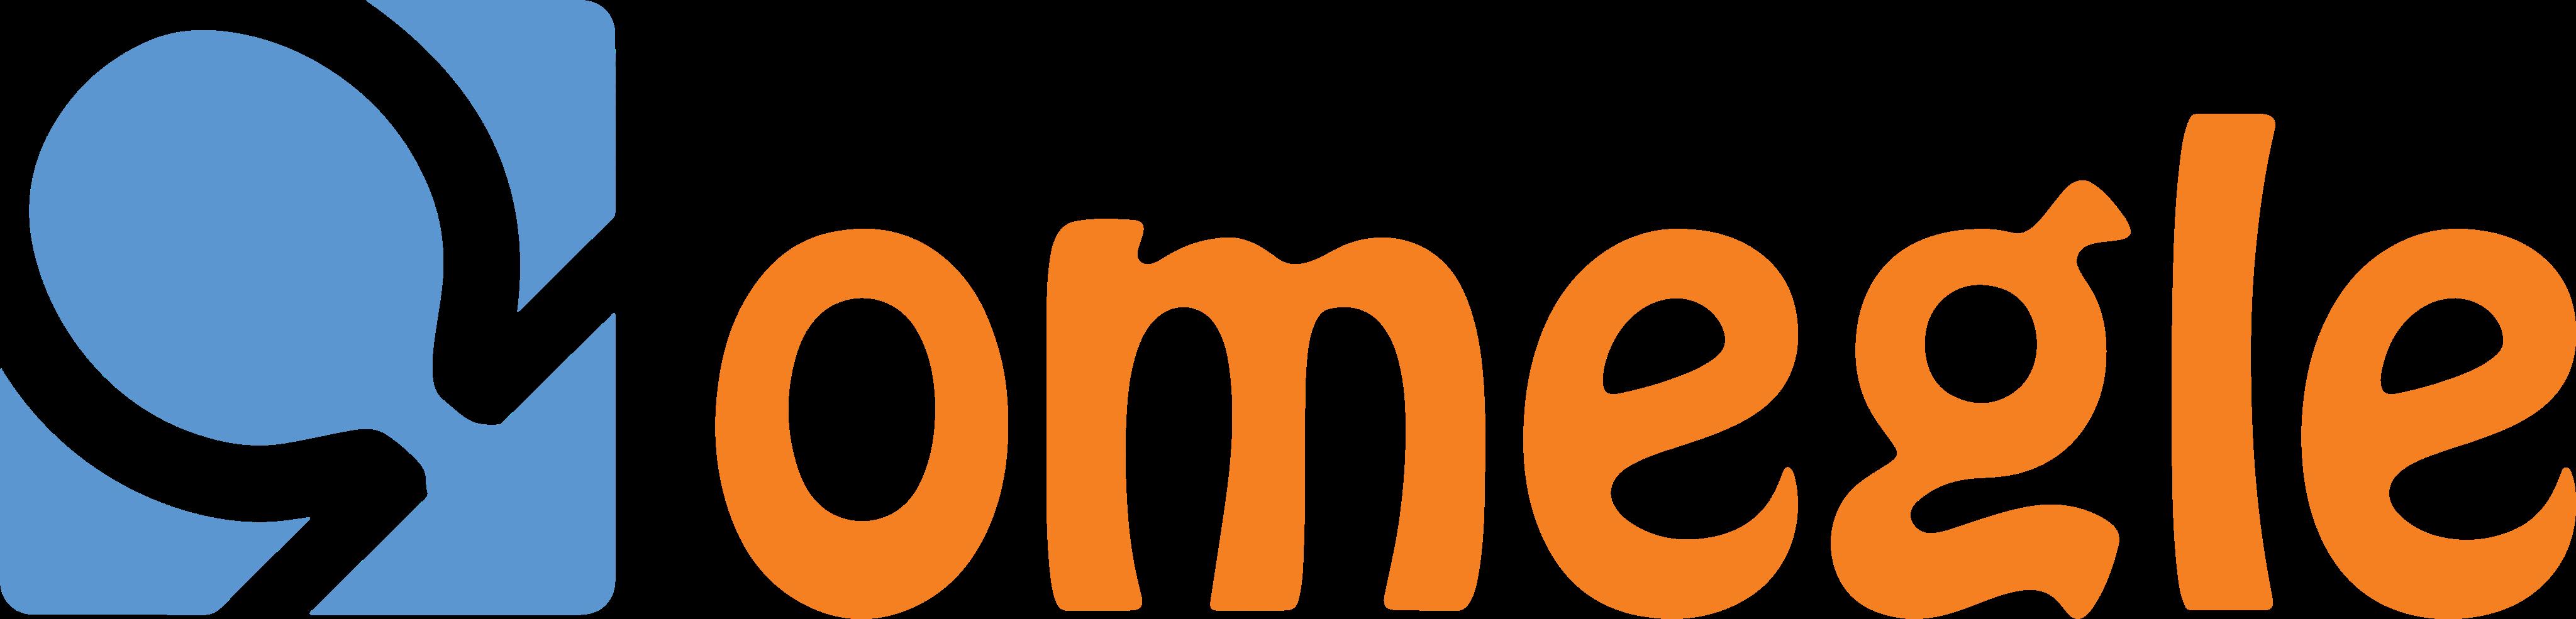 omegle logo - Omegle Logo